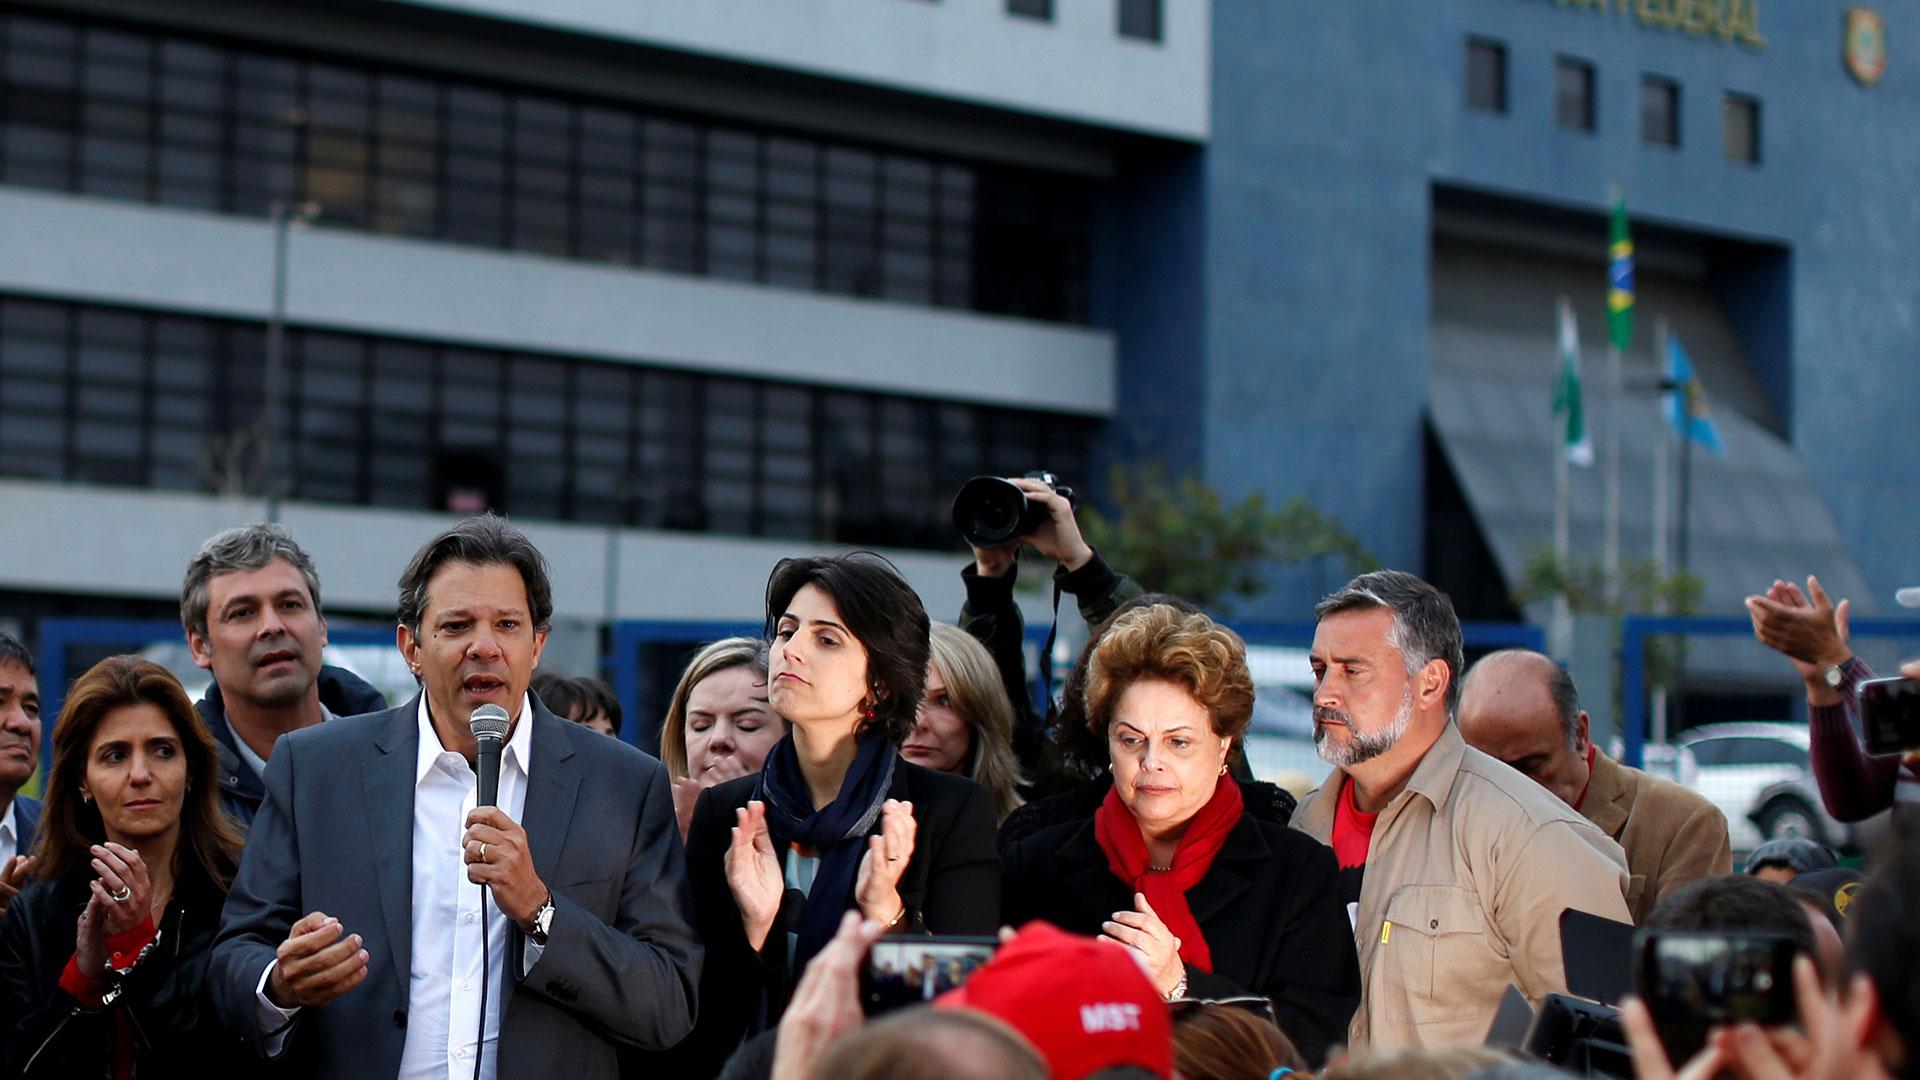 La ex presidente Rousseff acompañó a Haddad en el lanzamiento de su candidatura (Reuters)